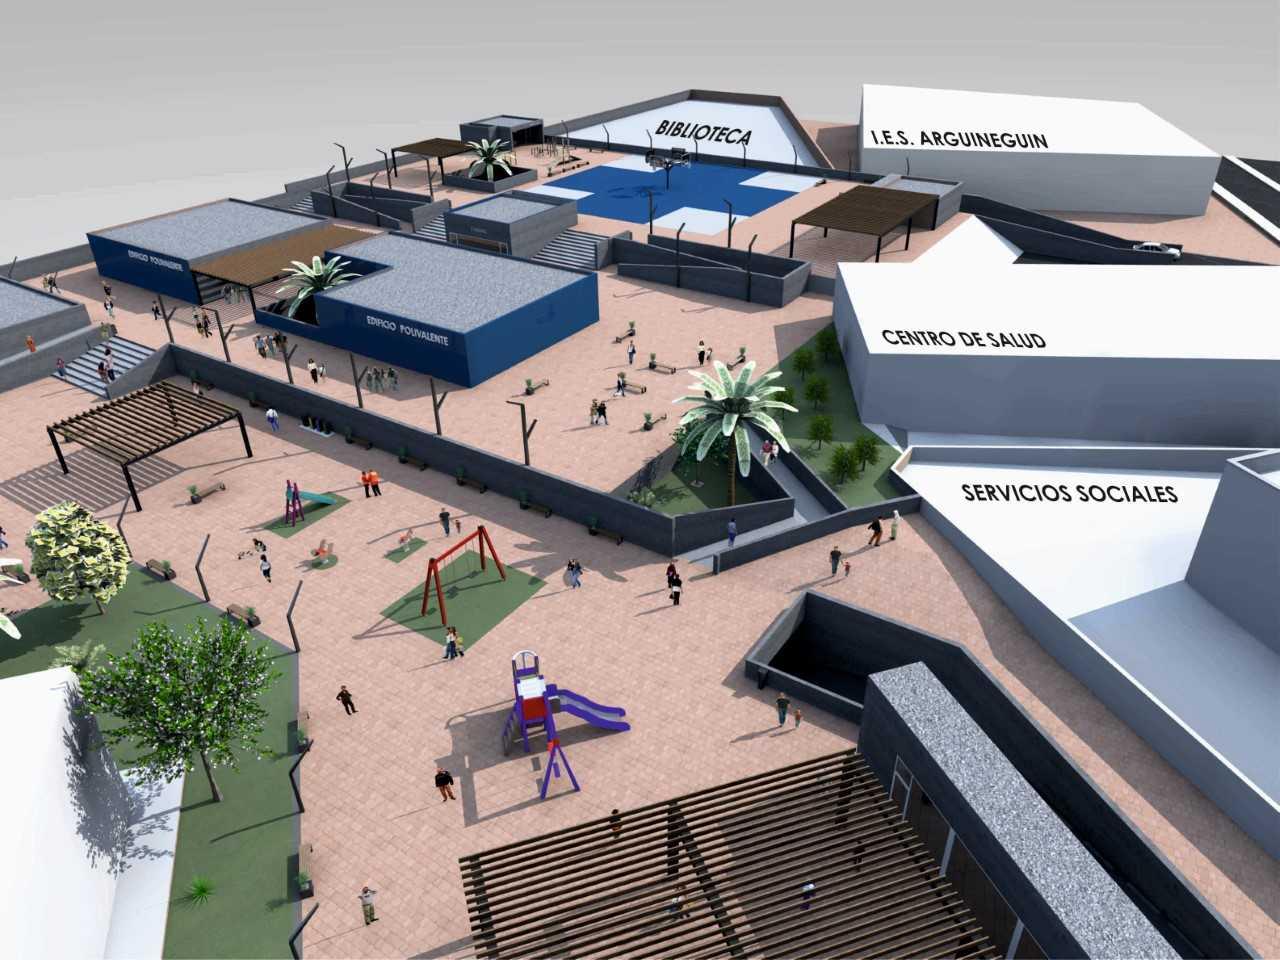 Mogán refuerza la seguridad de los edificios colindantes a la obra del aparcamiento de Arguineguín